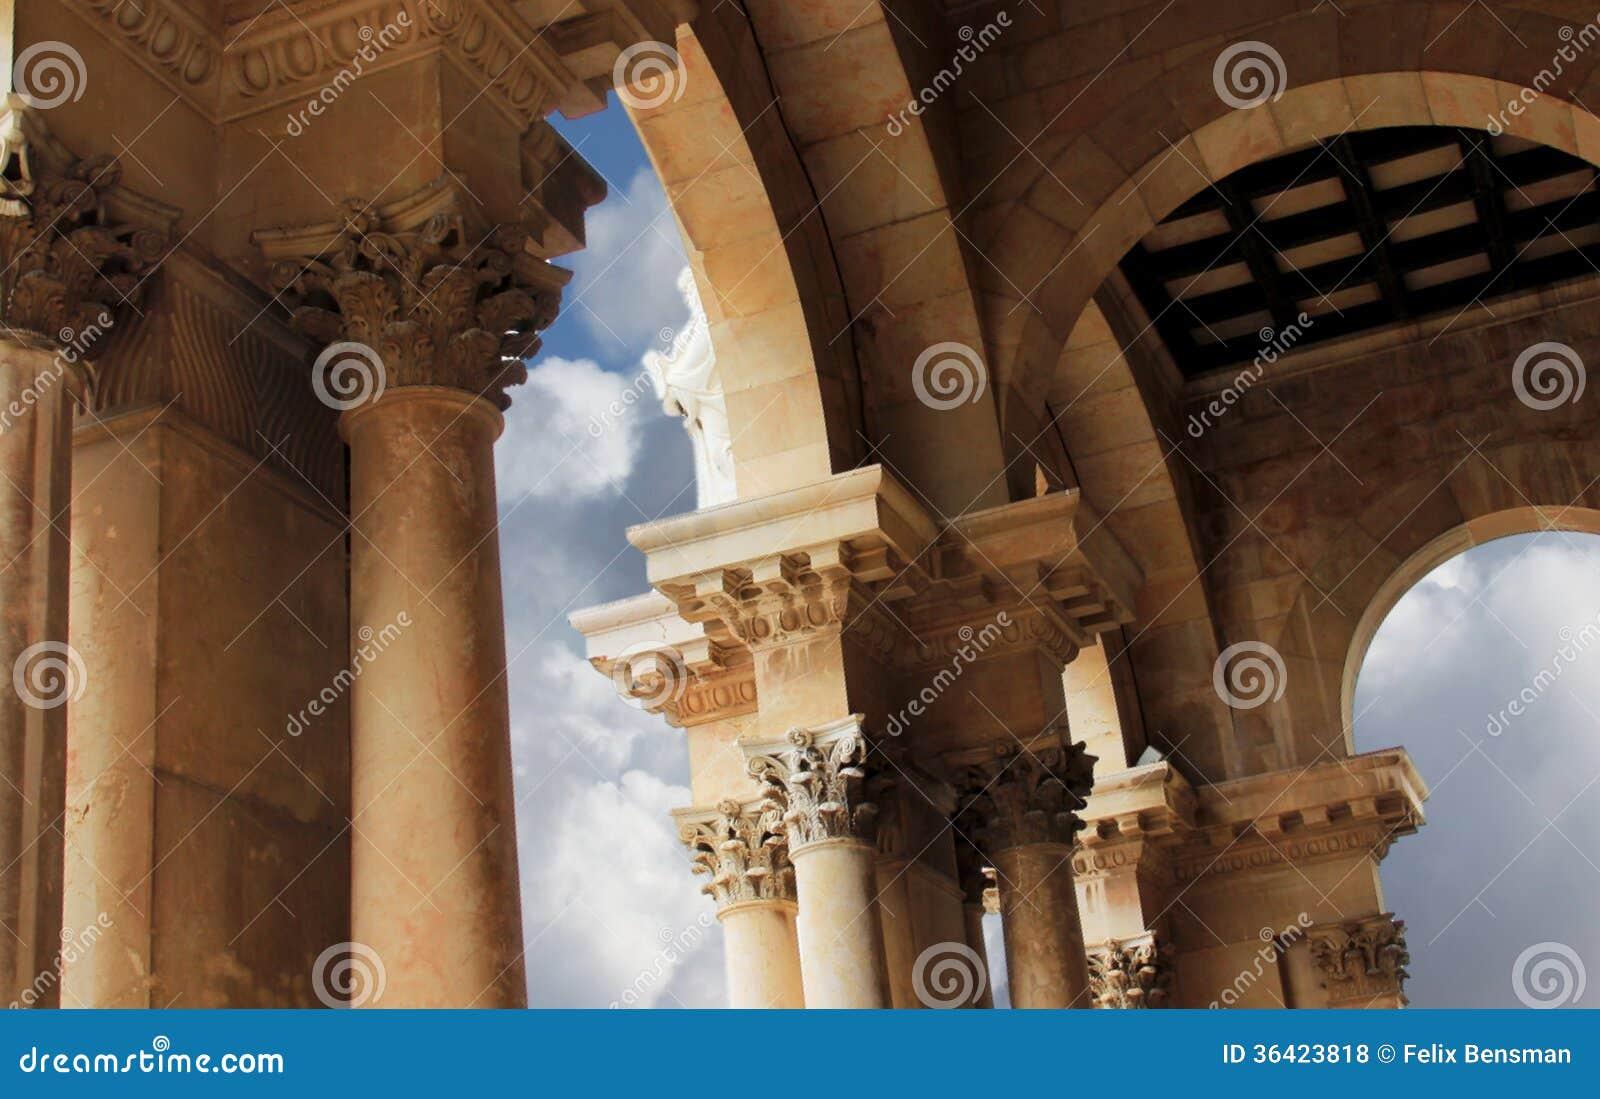 Église de toutes les nations. Jérusalem. Israël